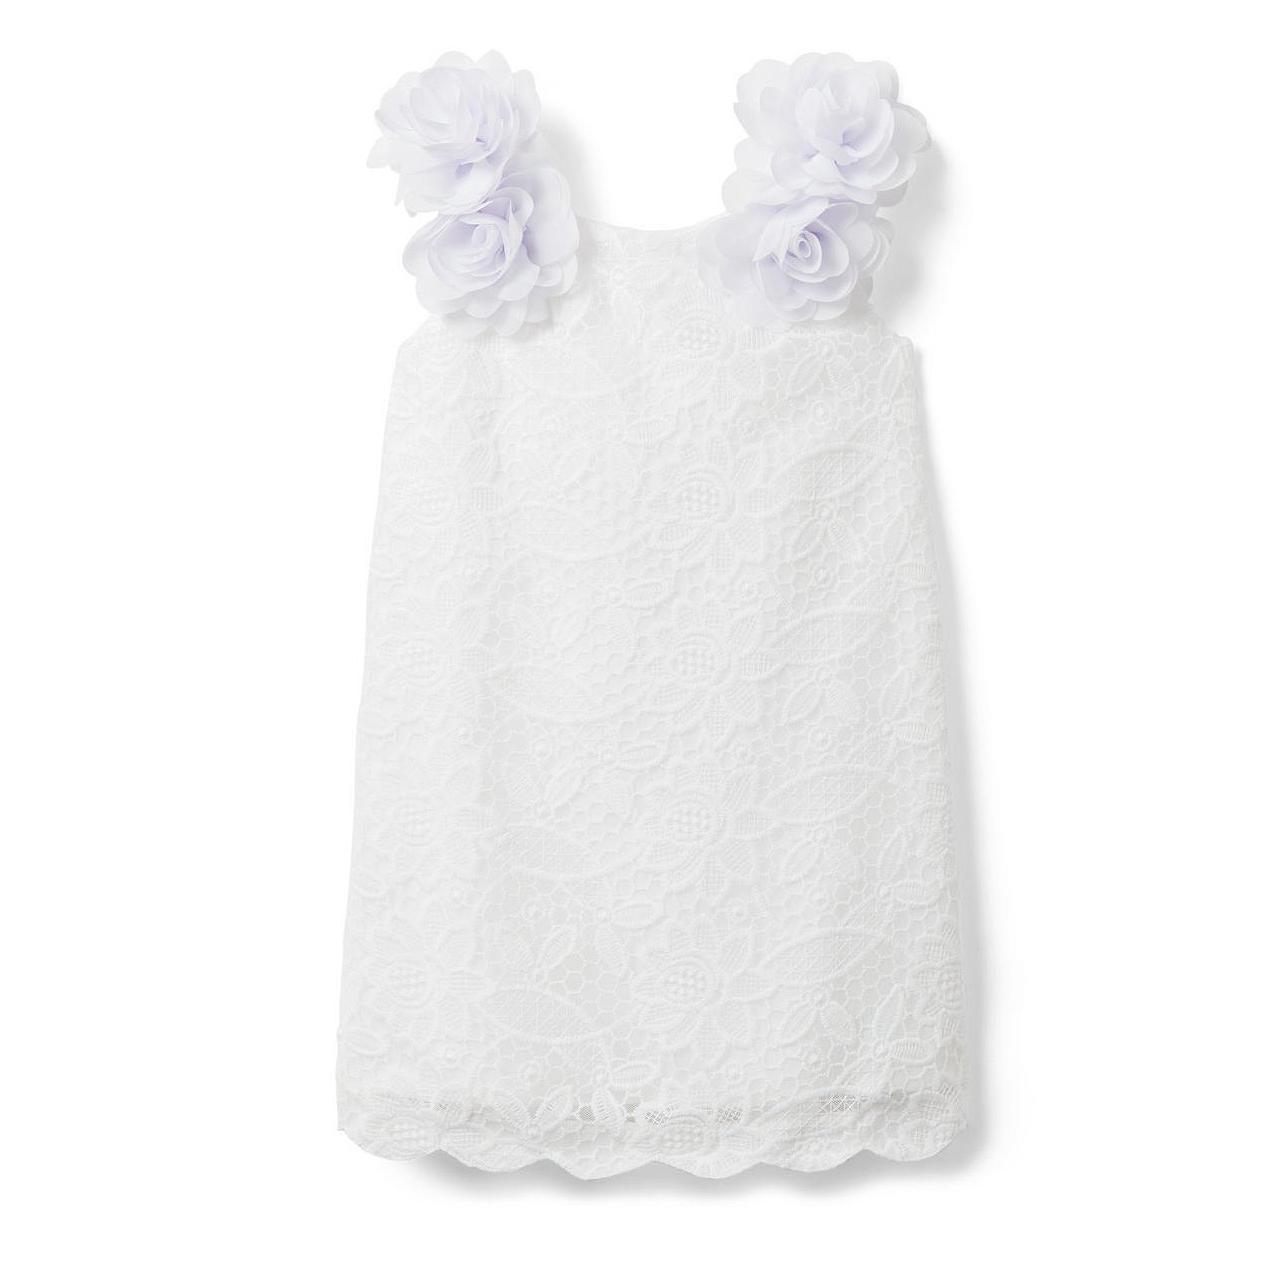 summer flower girl outfit white dress